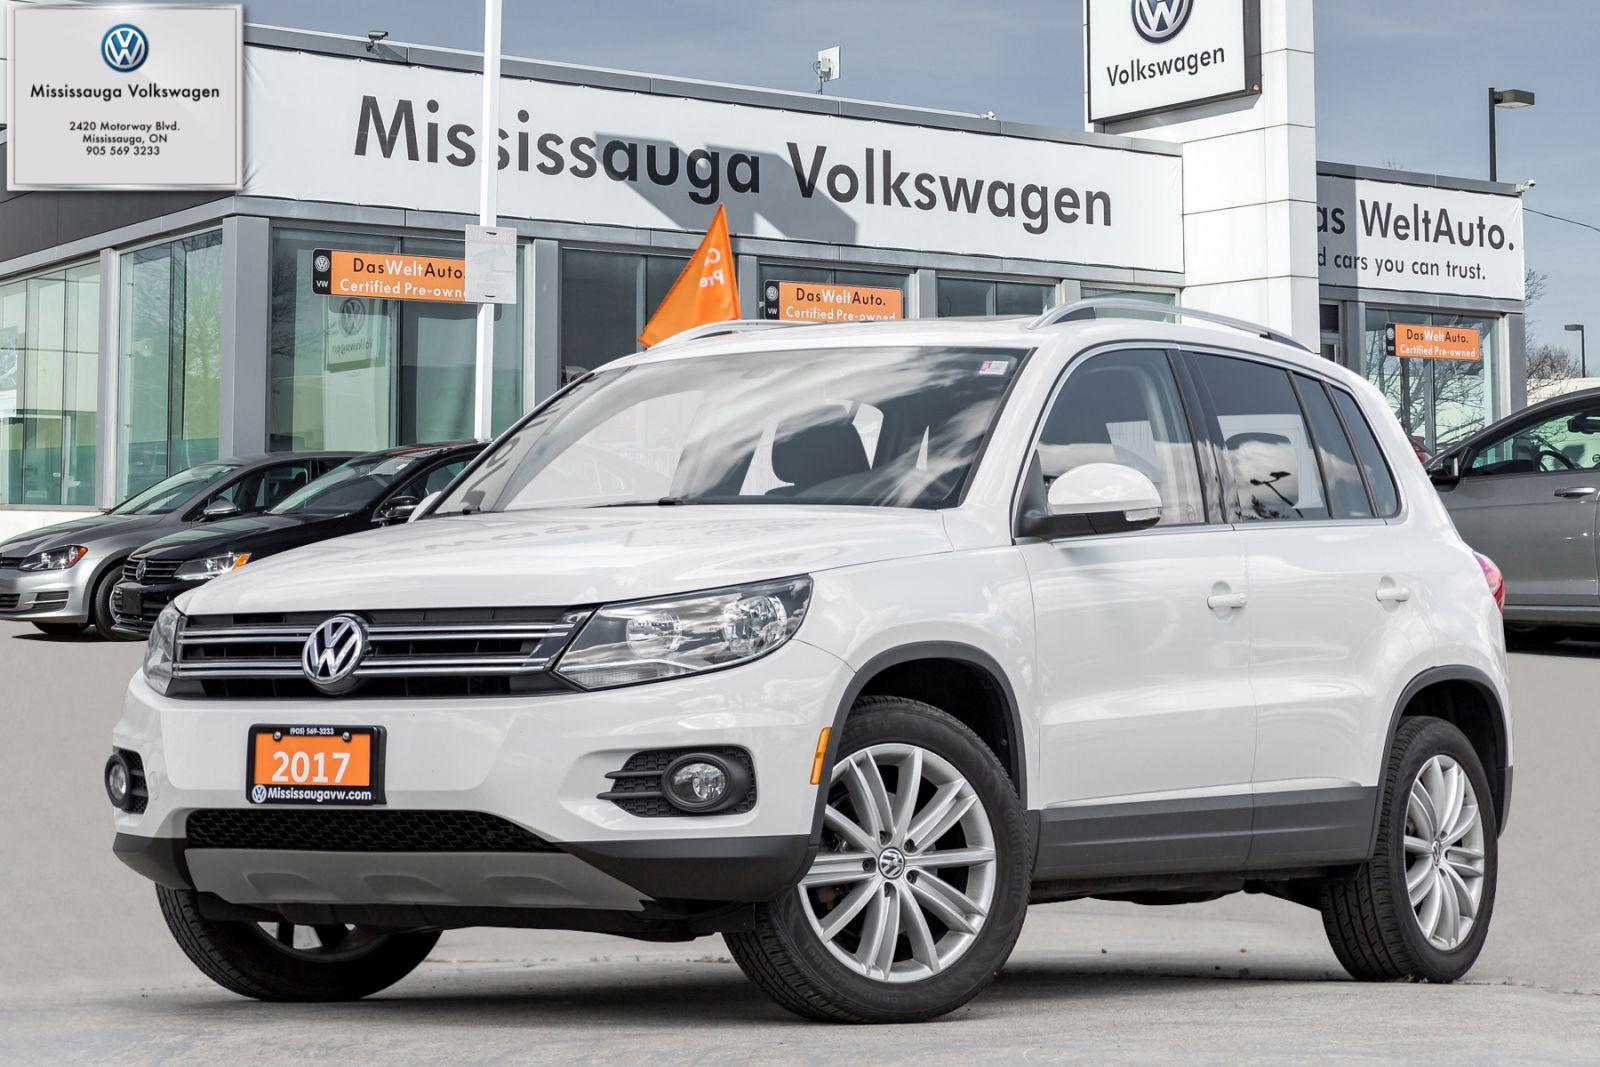 2017 Volkswagen Tiguan Image